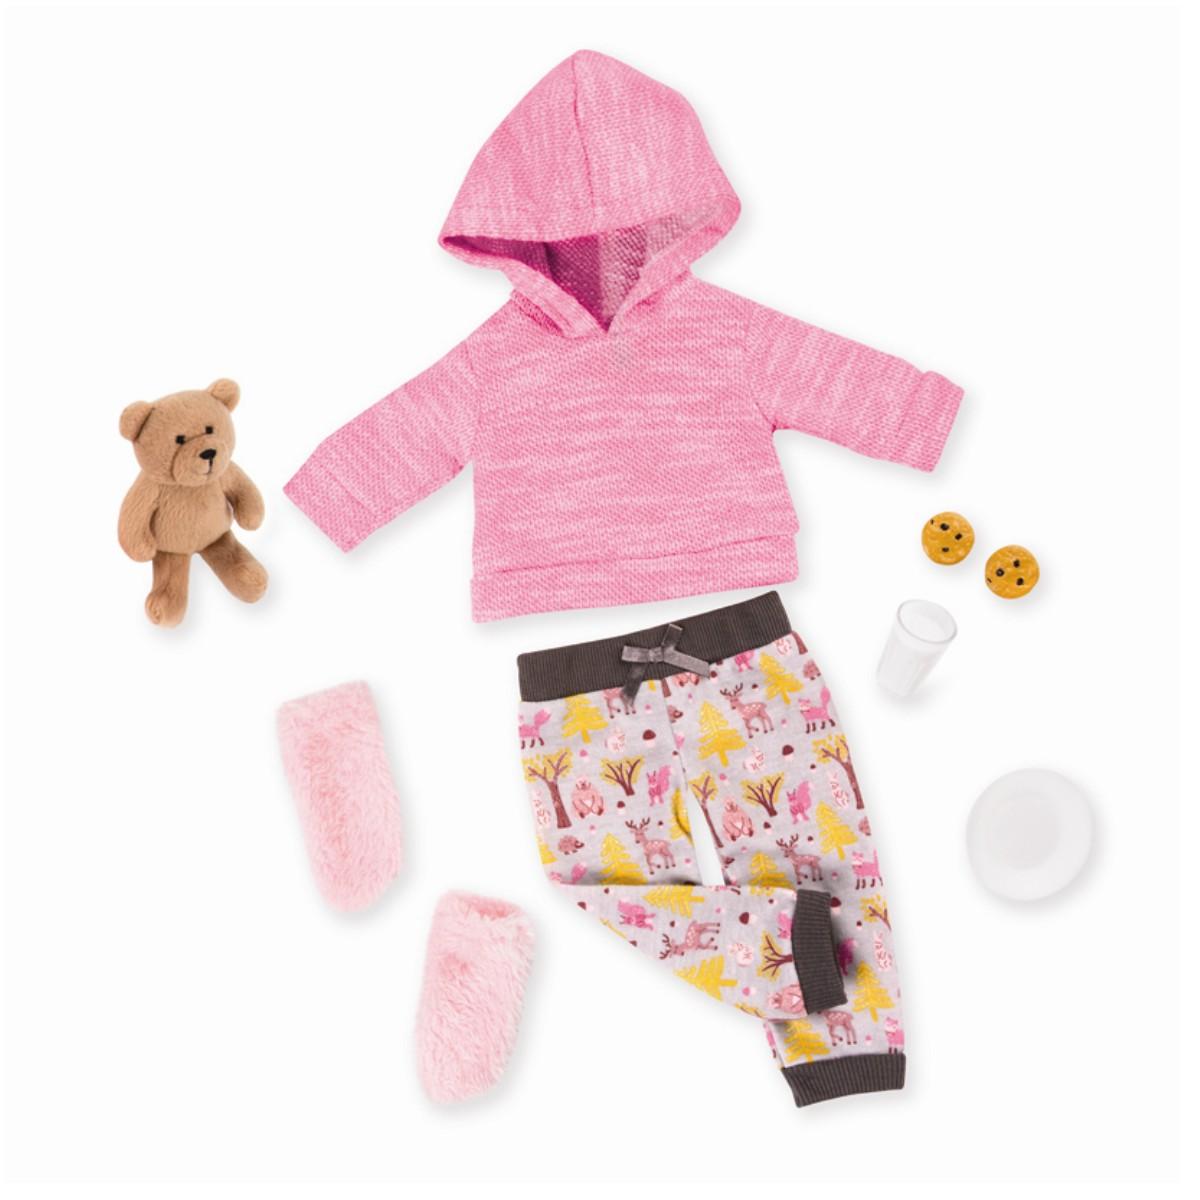 Our Generation - Deluxe Kleidung, Schlafanzug mit Teddy (730327)